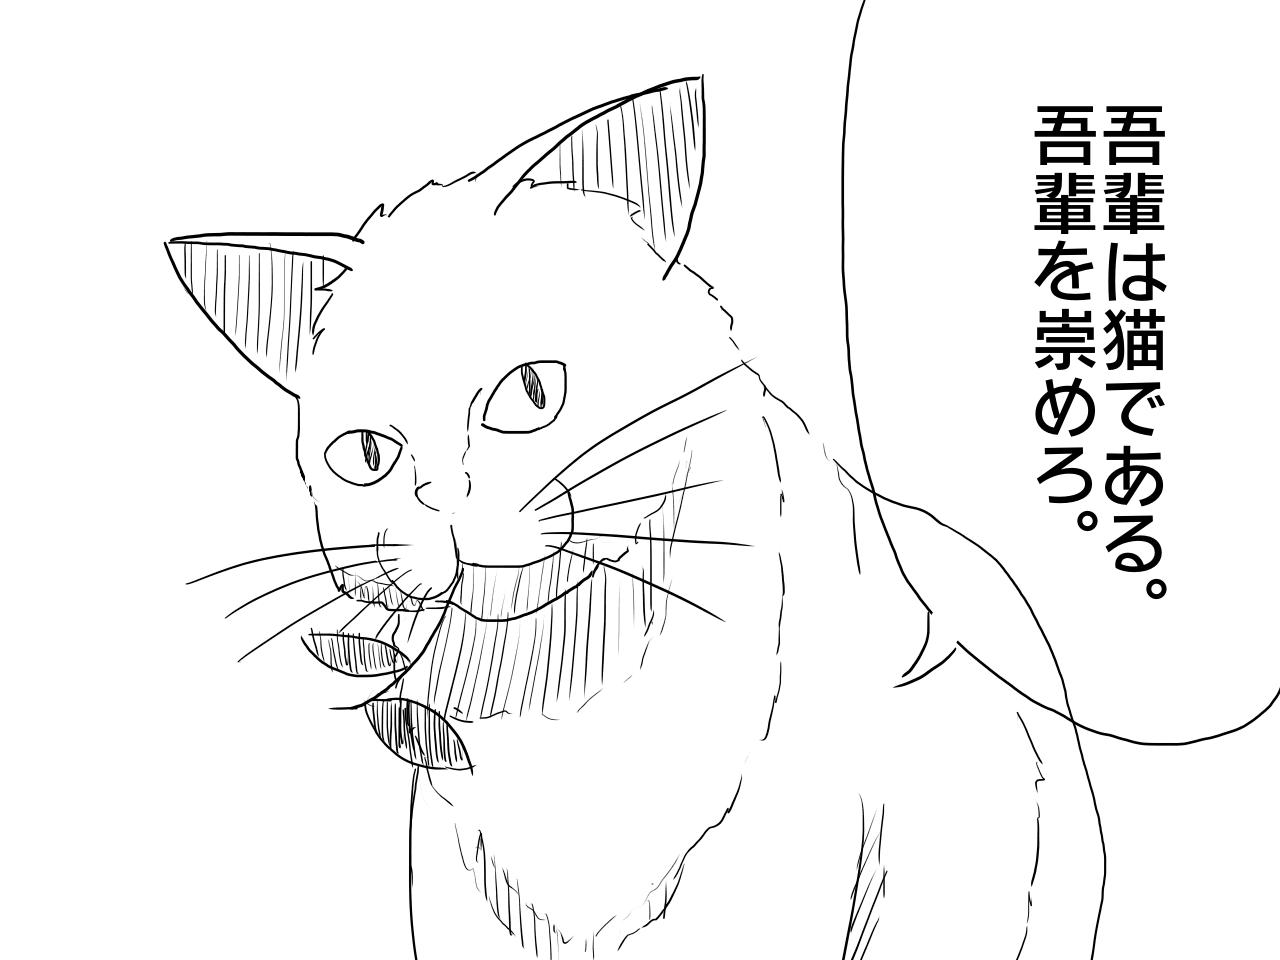 ネコ葉っぱ2